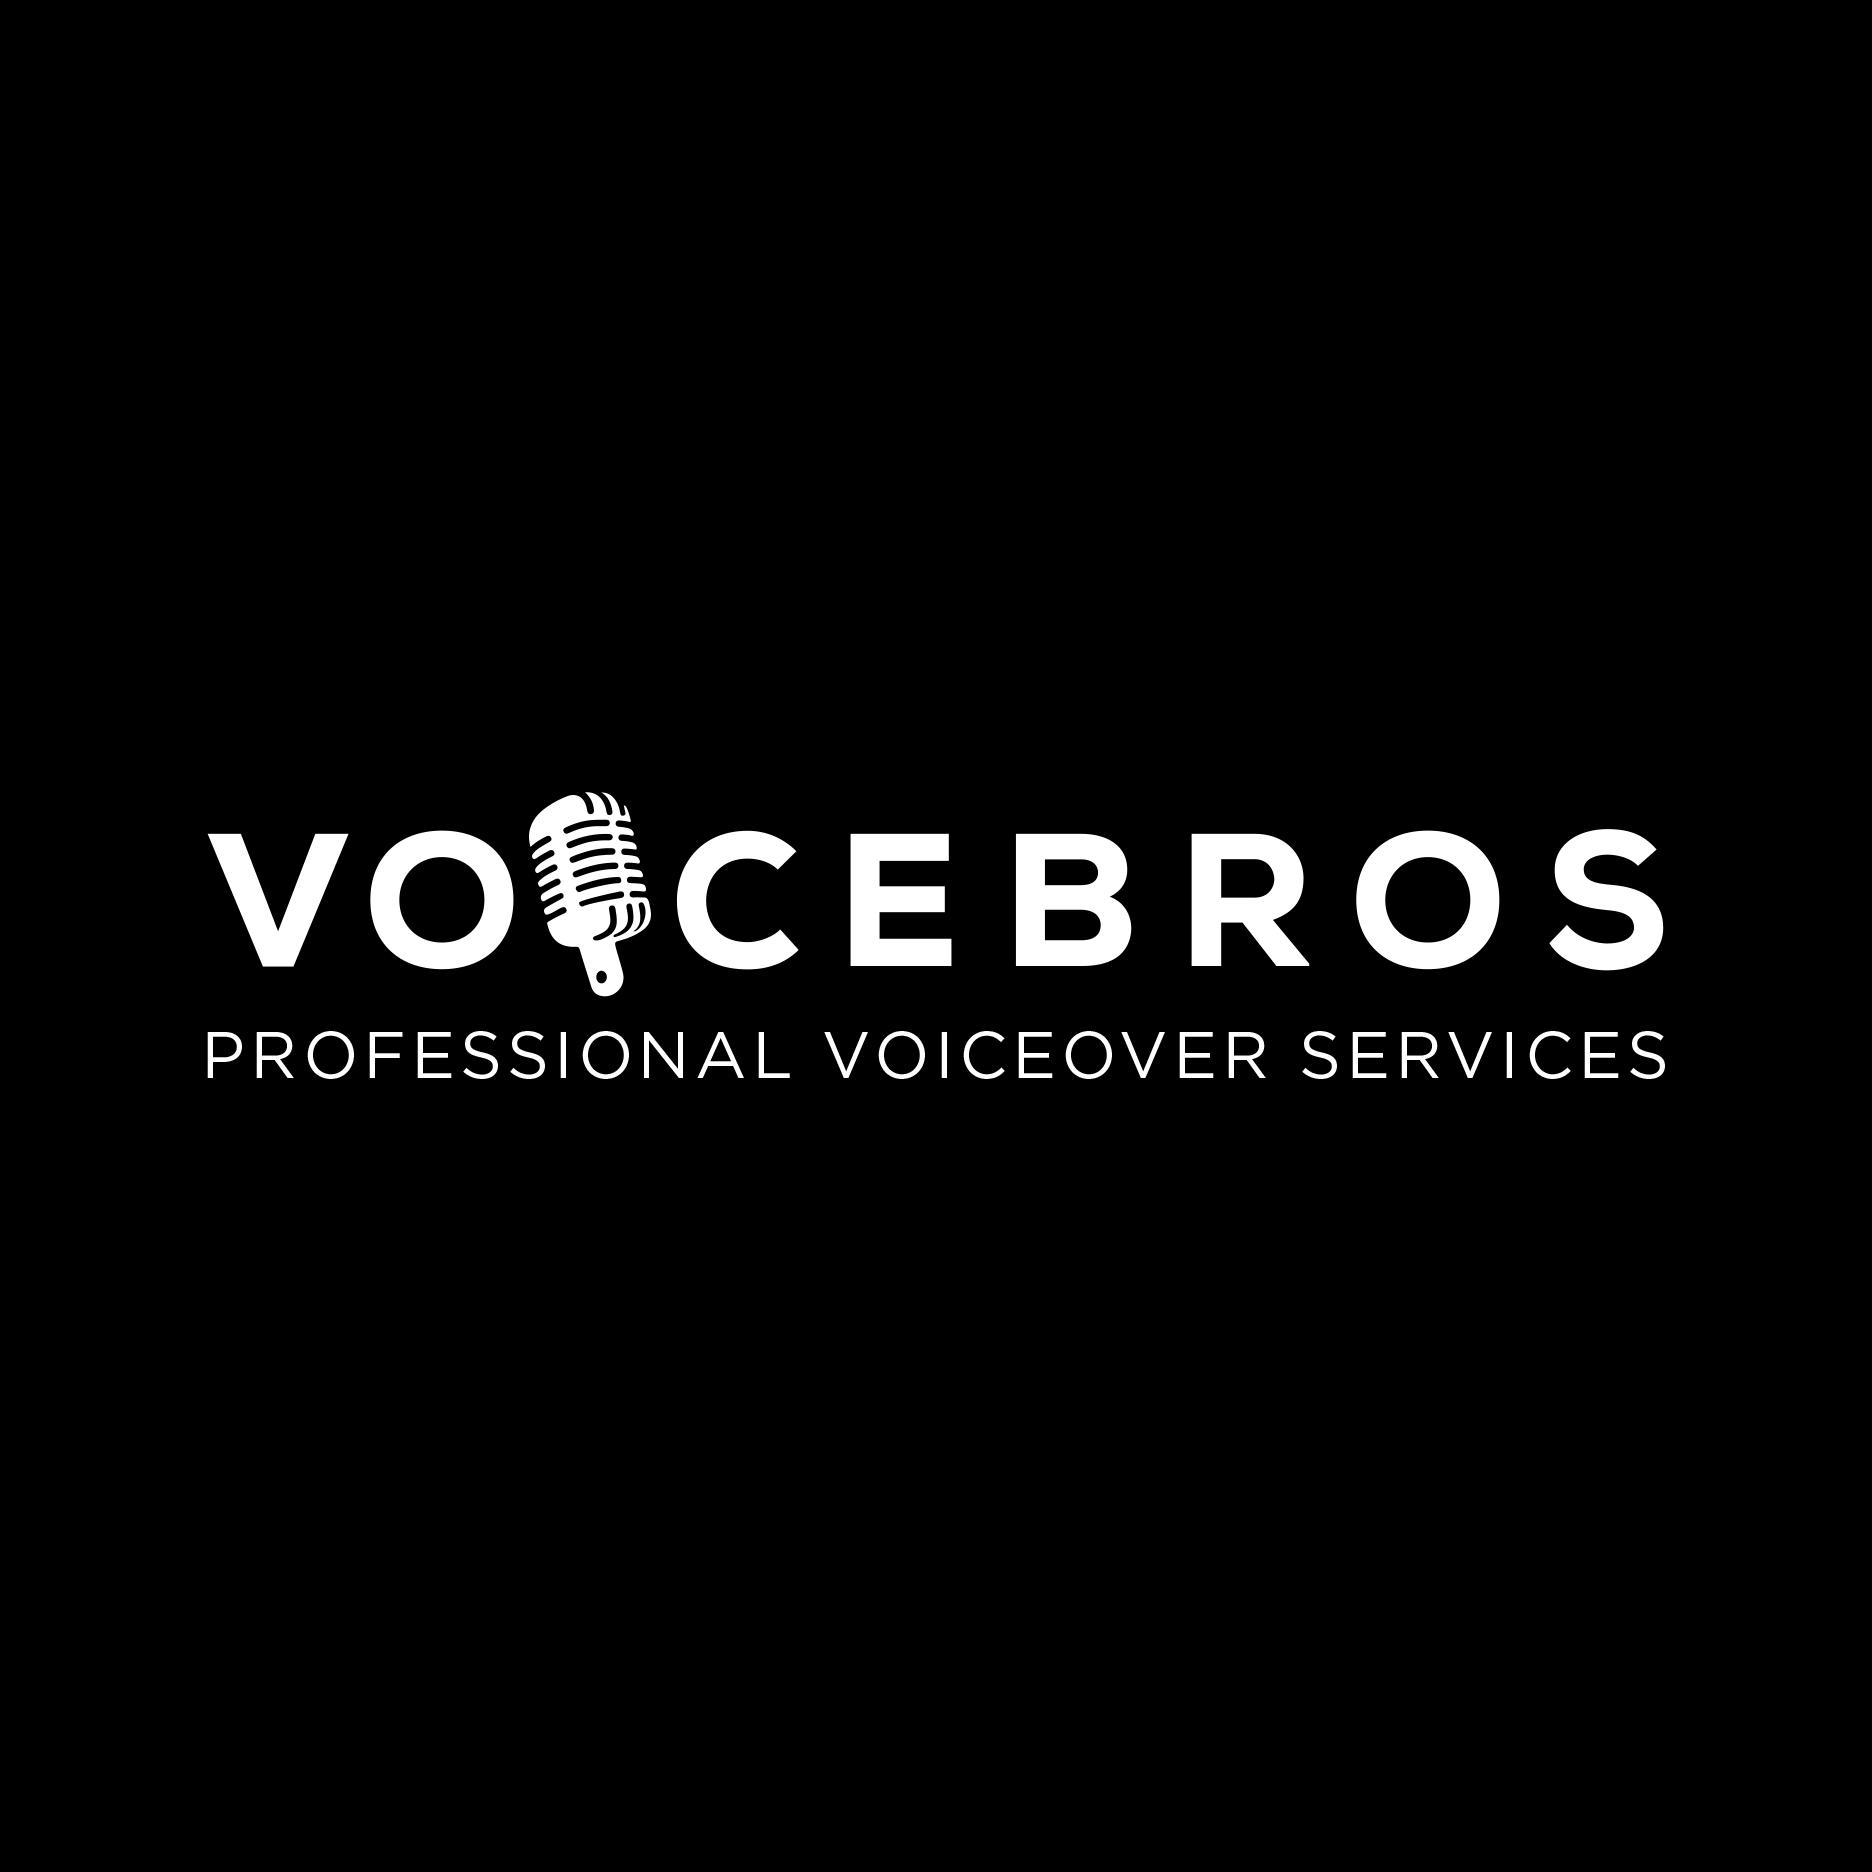 Joshua Adam-Harris is a voice over actor